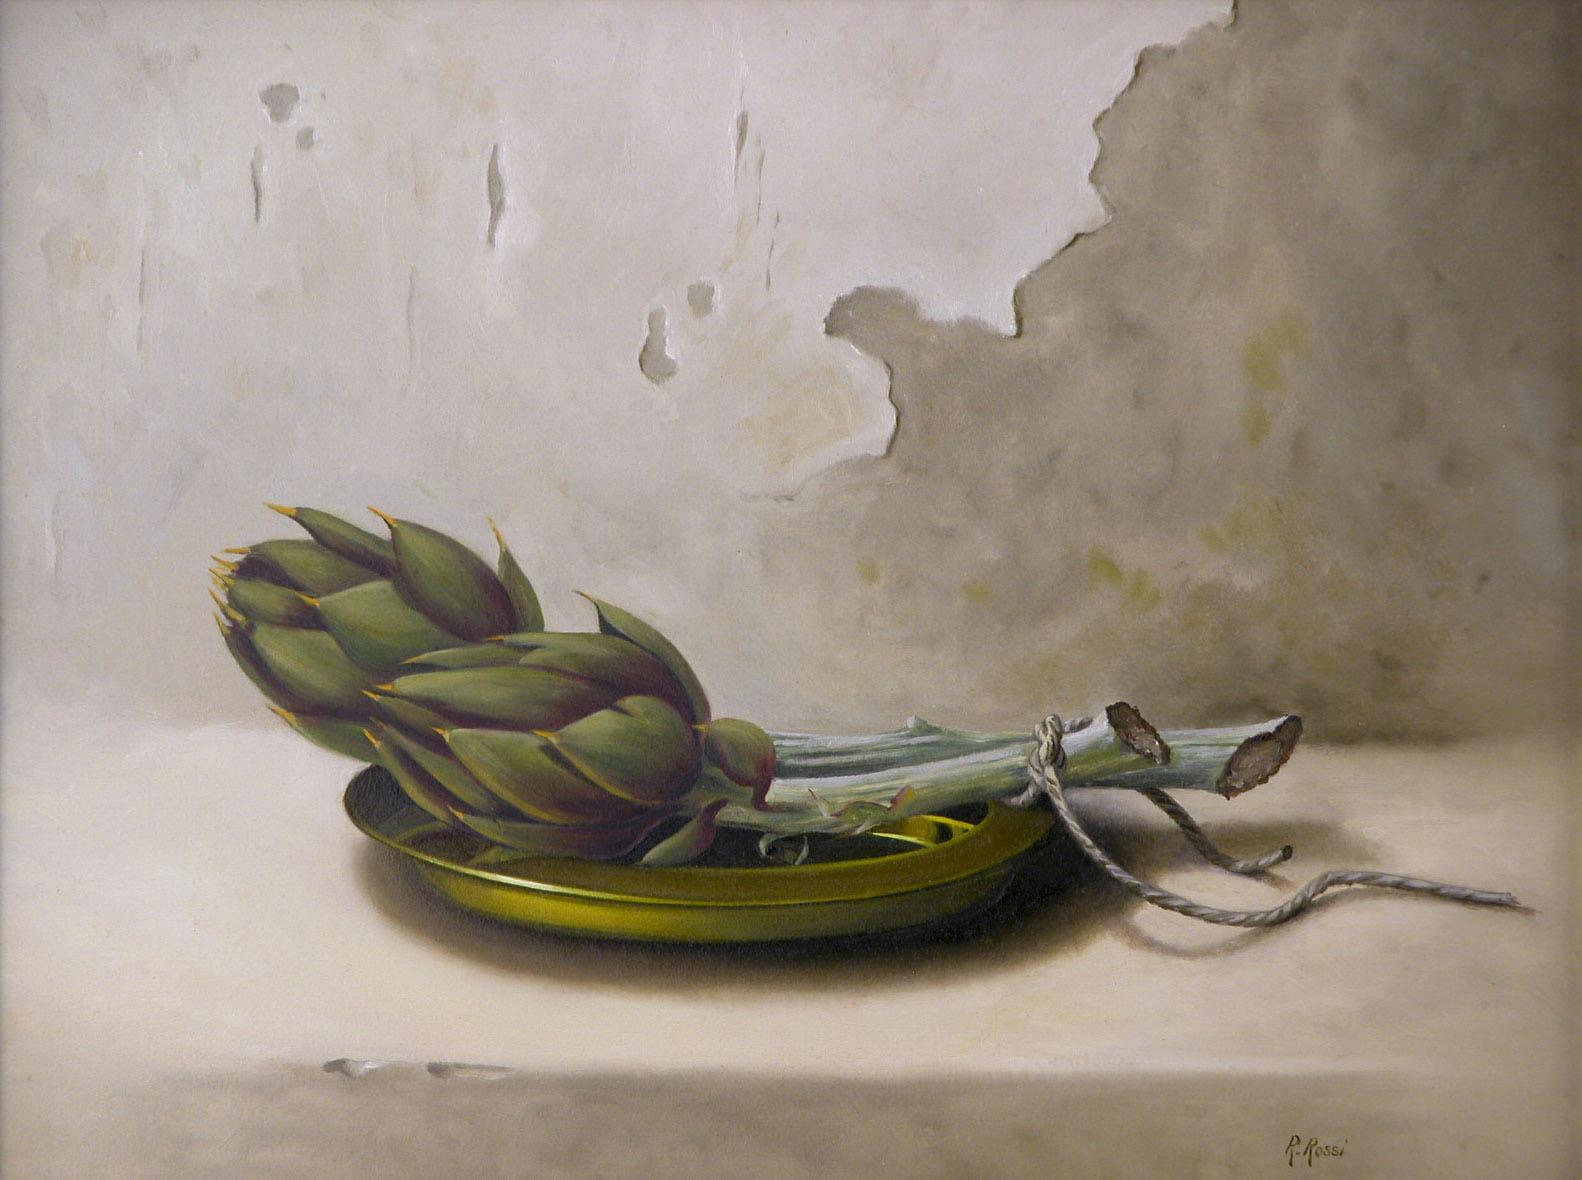 2009 roberta rossi - Allacciati - olio su tela - 36 x 46